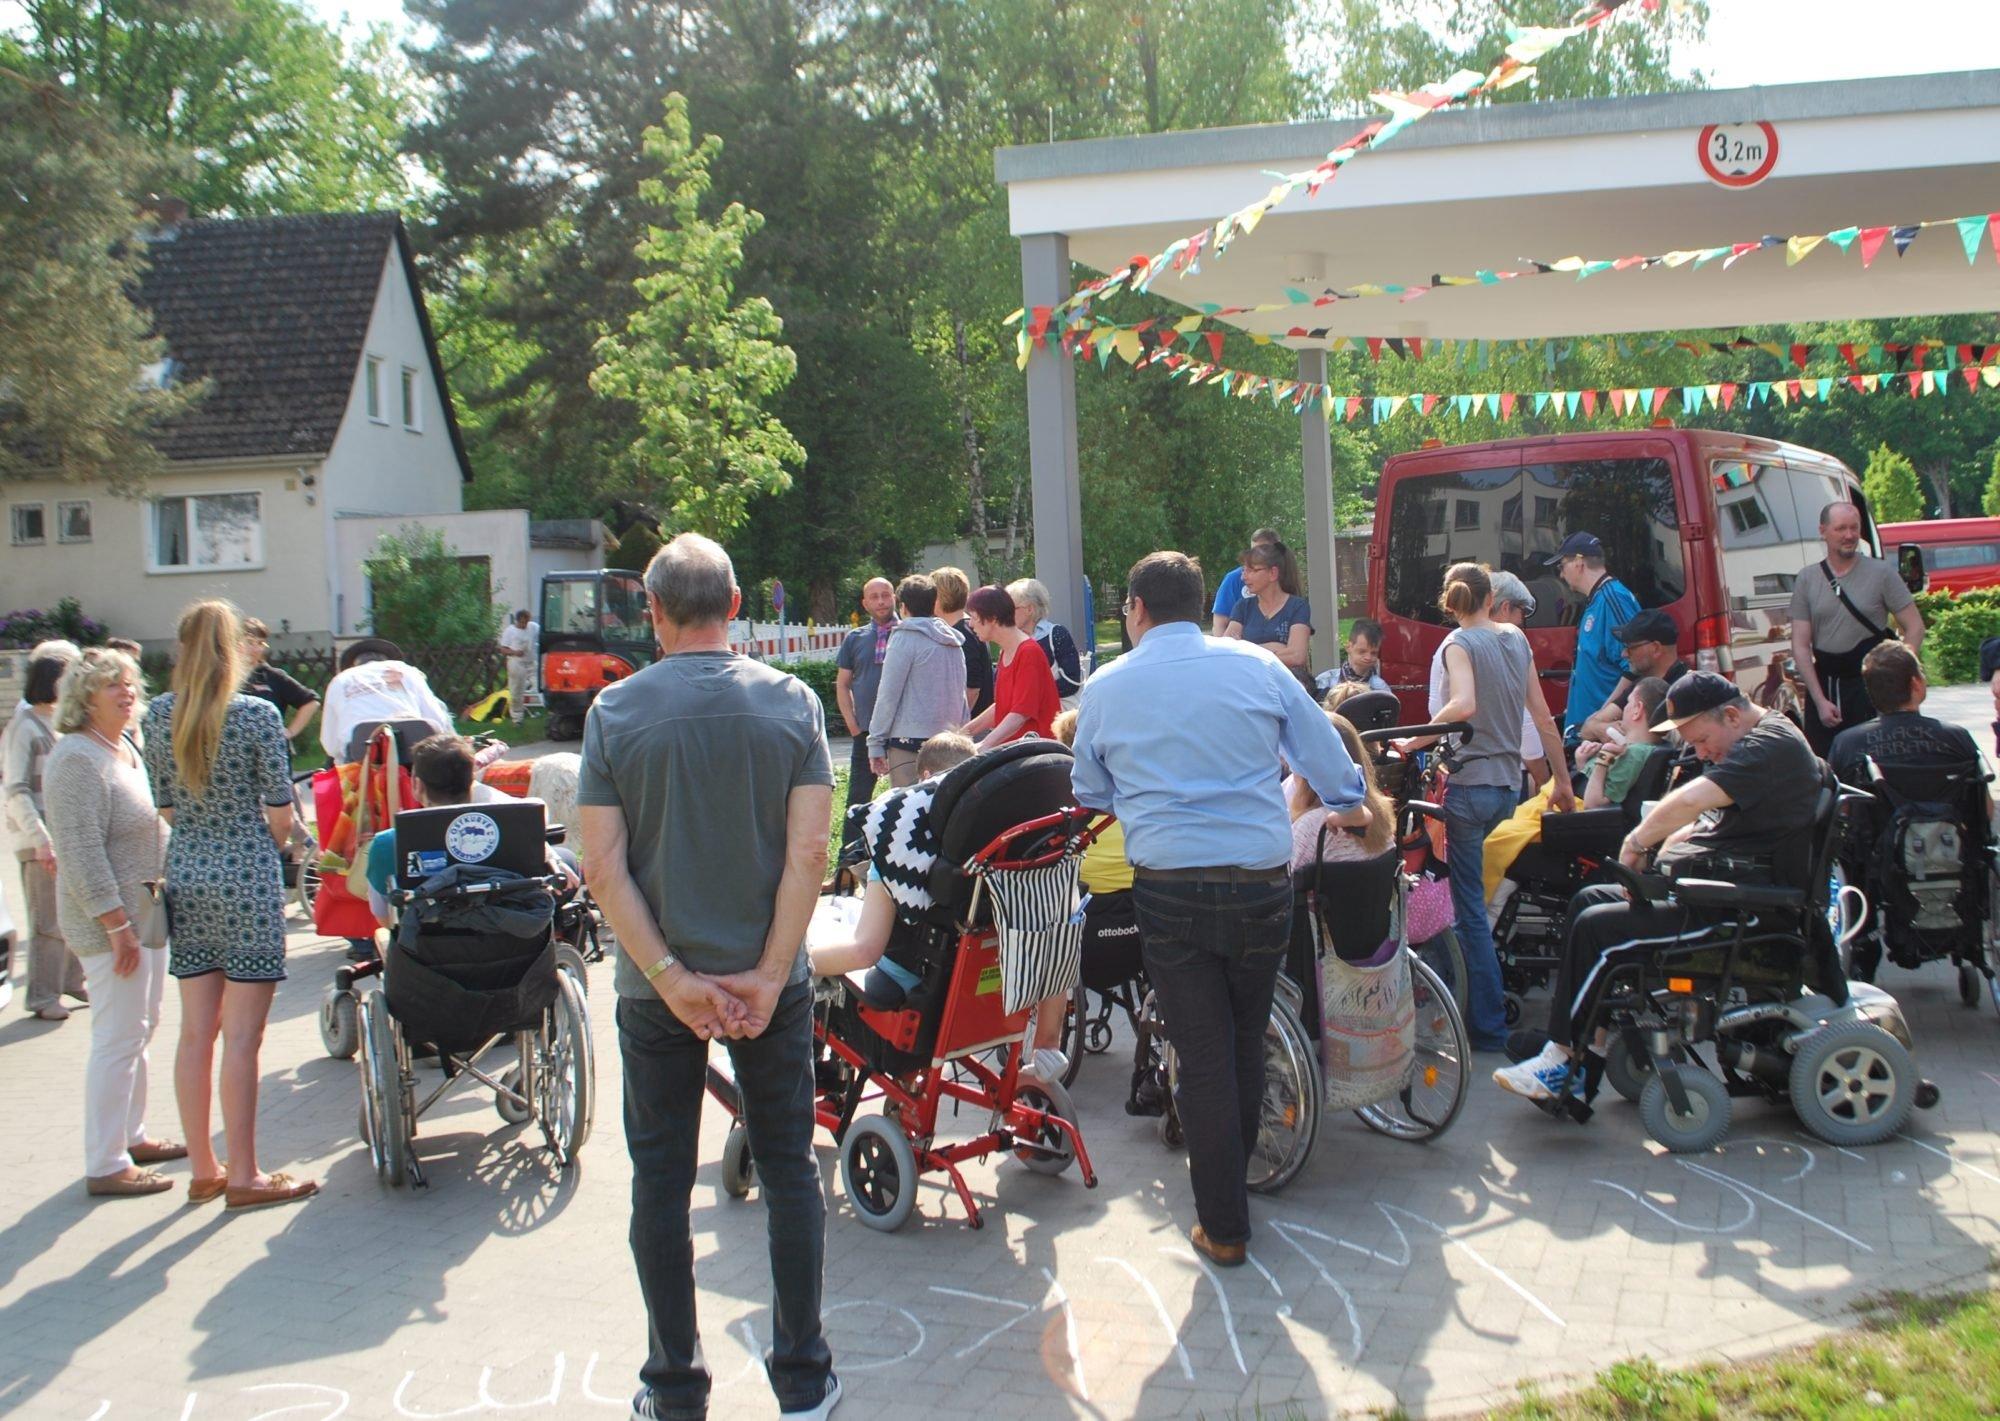 Auch vor dem Gebäude ist viel los: Viele Menschen stehen vor dem Eingangsbereich des P.A.N. Zentrums und unterhalten sich - viele davon im Rollstuhl.